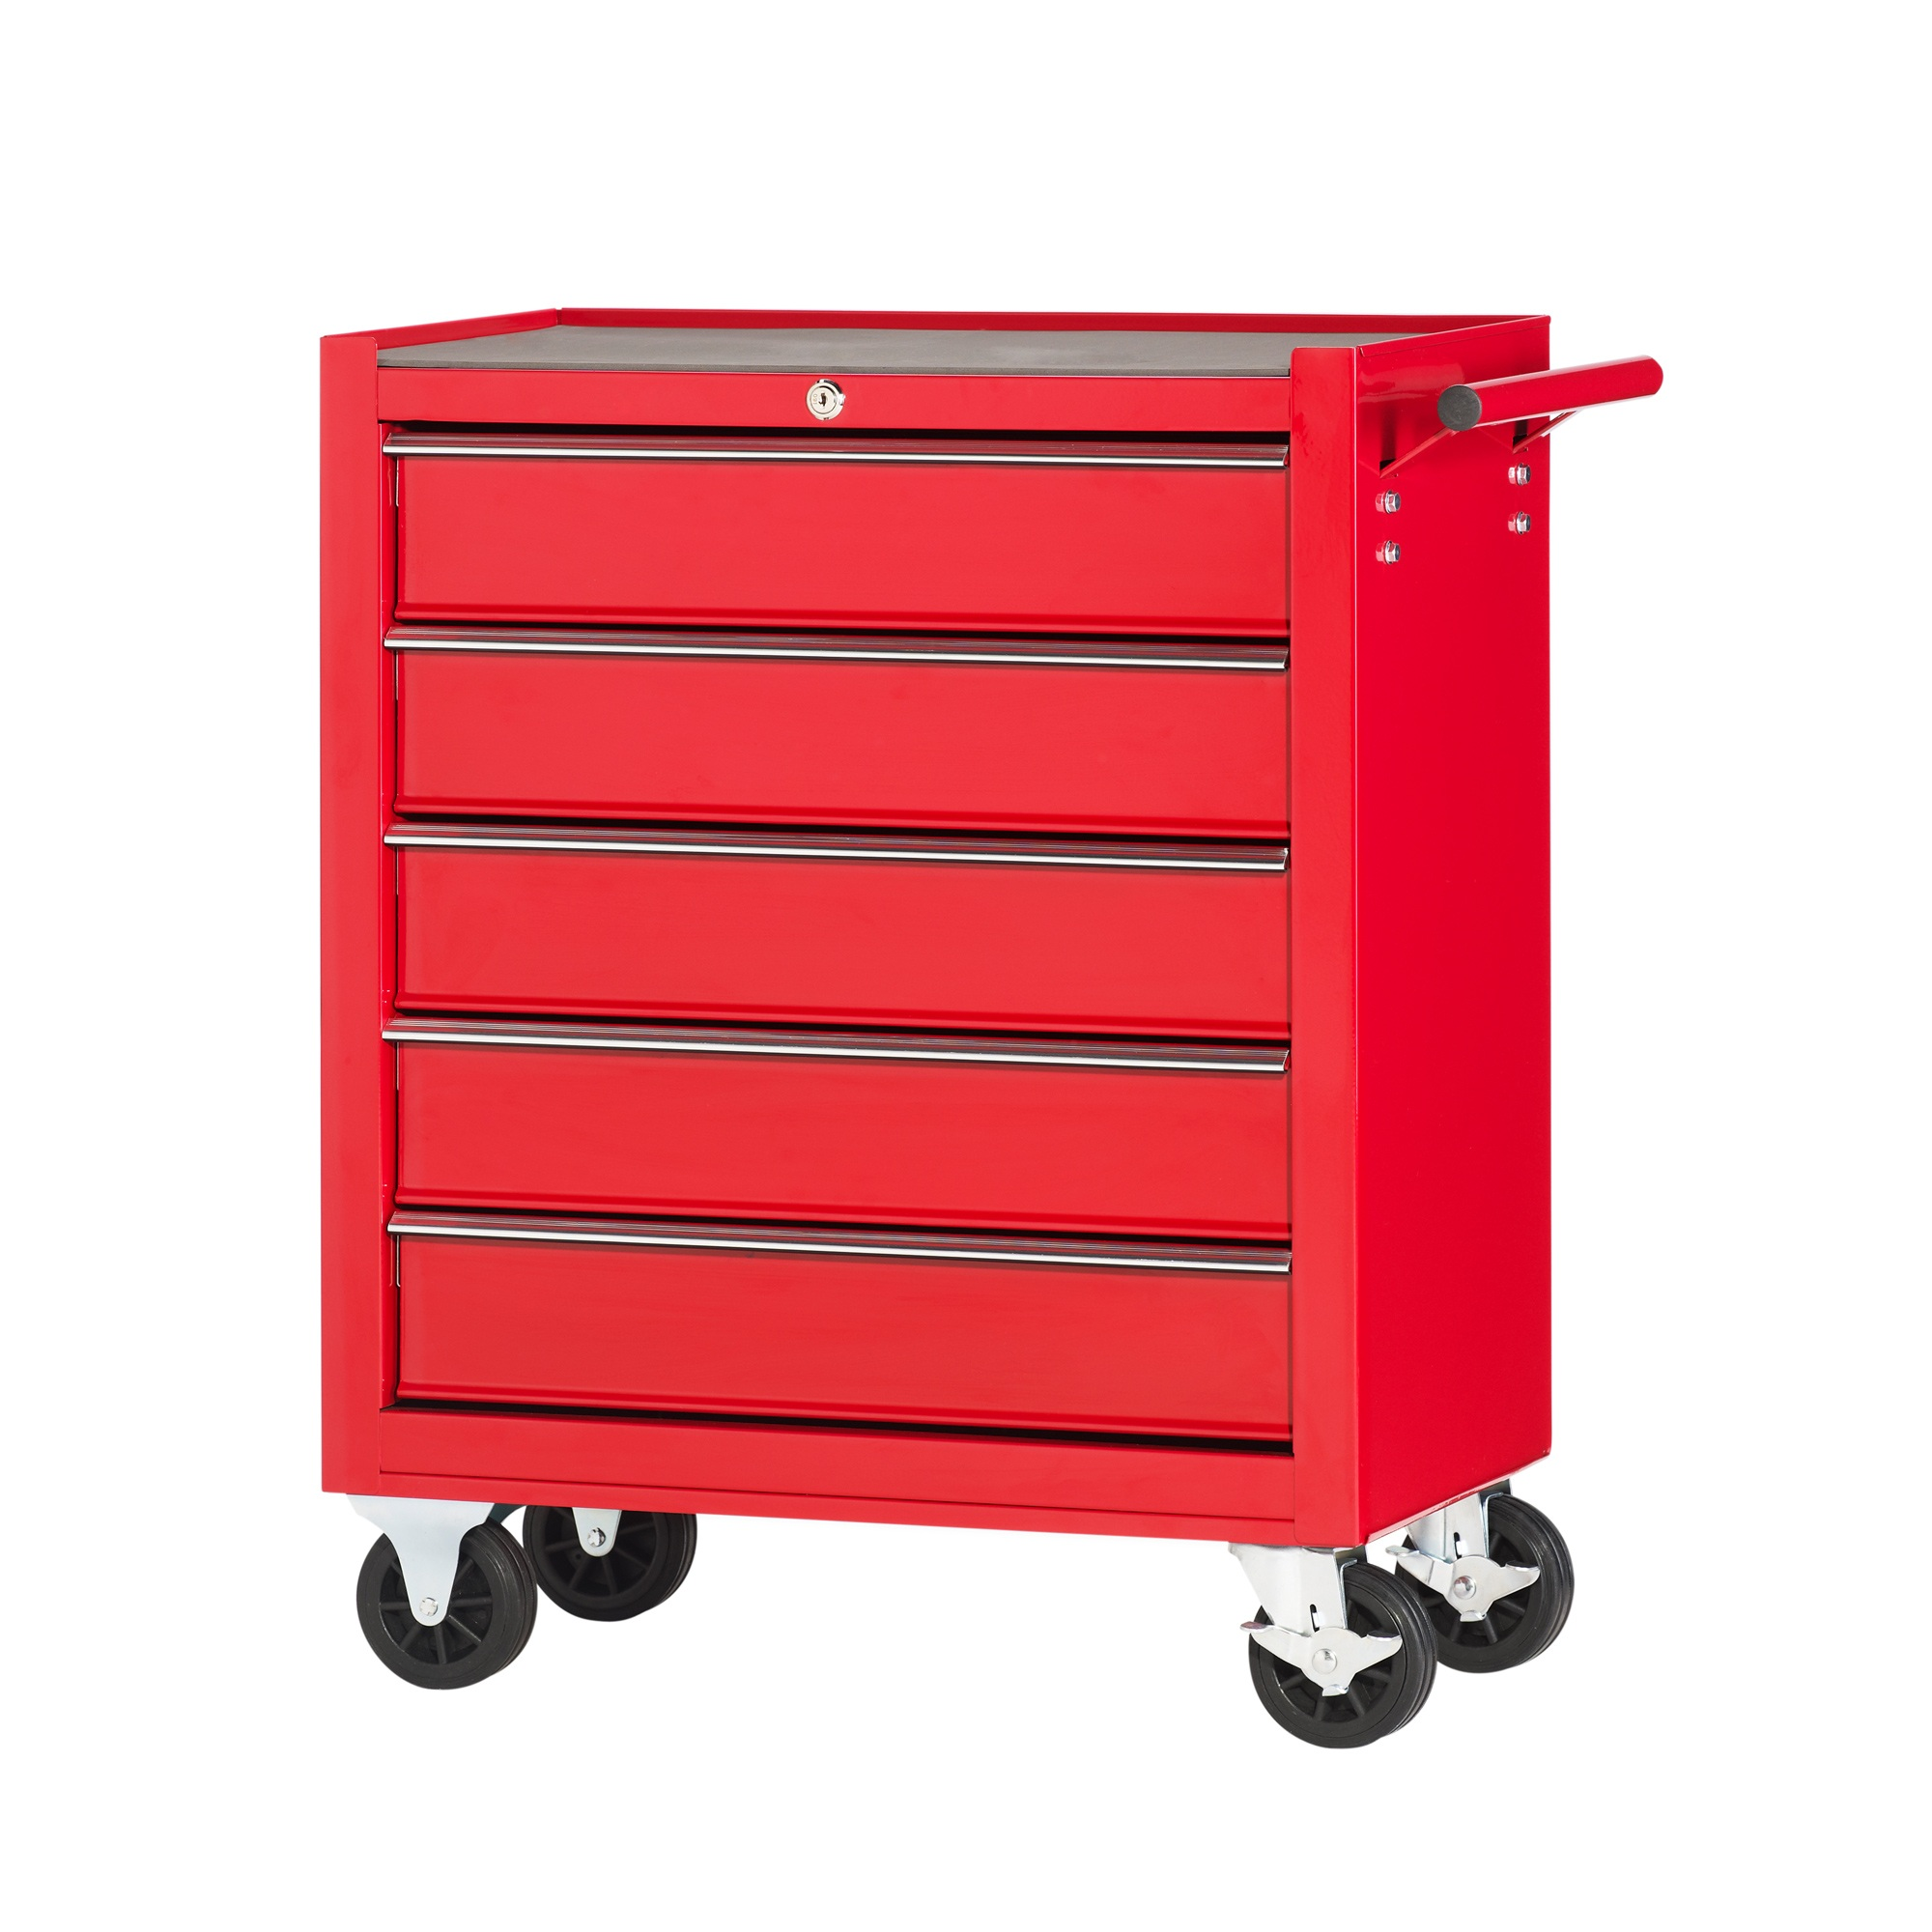 werkstattwagen 5 schubladen leichtbau werkzeugwagen f r die werkstatt rot ebay. Black Bedroom Furniture Sets. Home Design Ideas